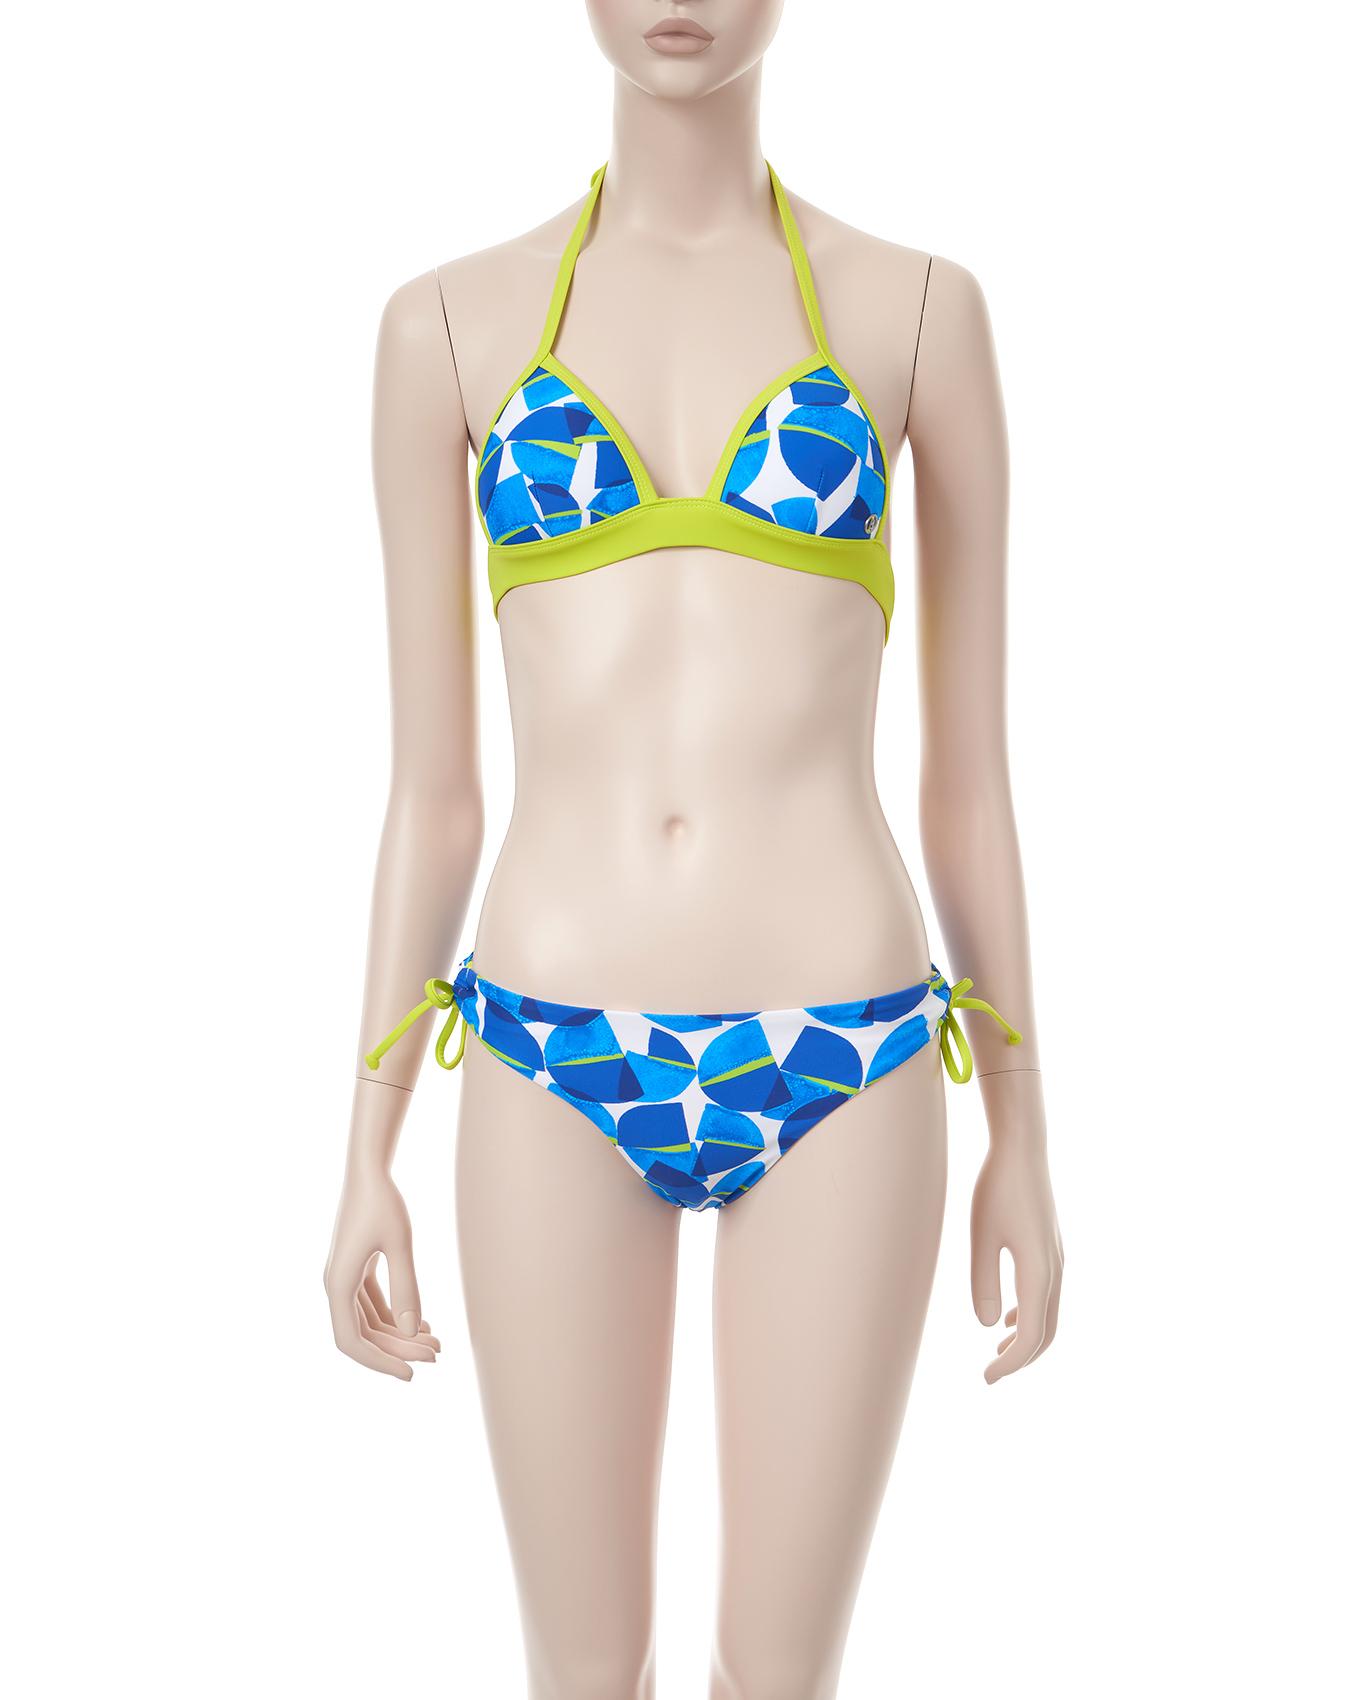 Bikini Hose : Bestellen Sie Hier Hochwertige Herrenschuhe